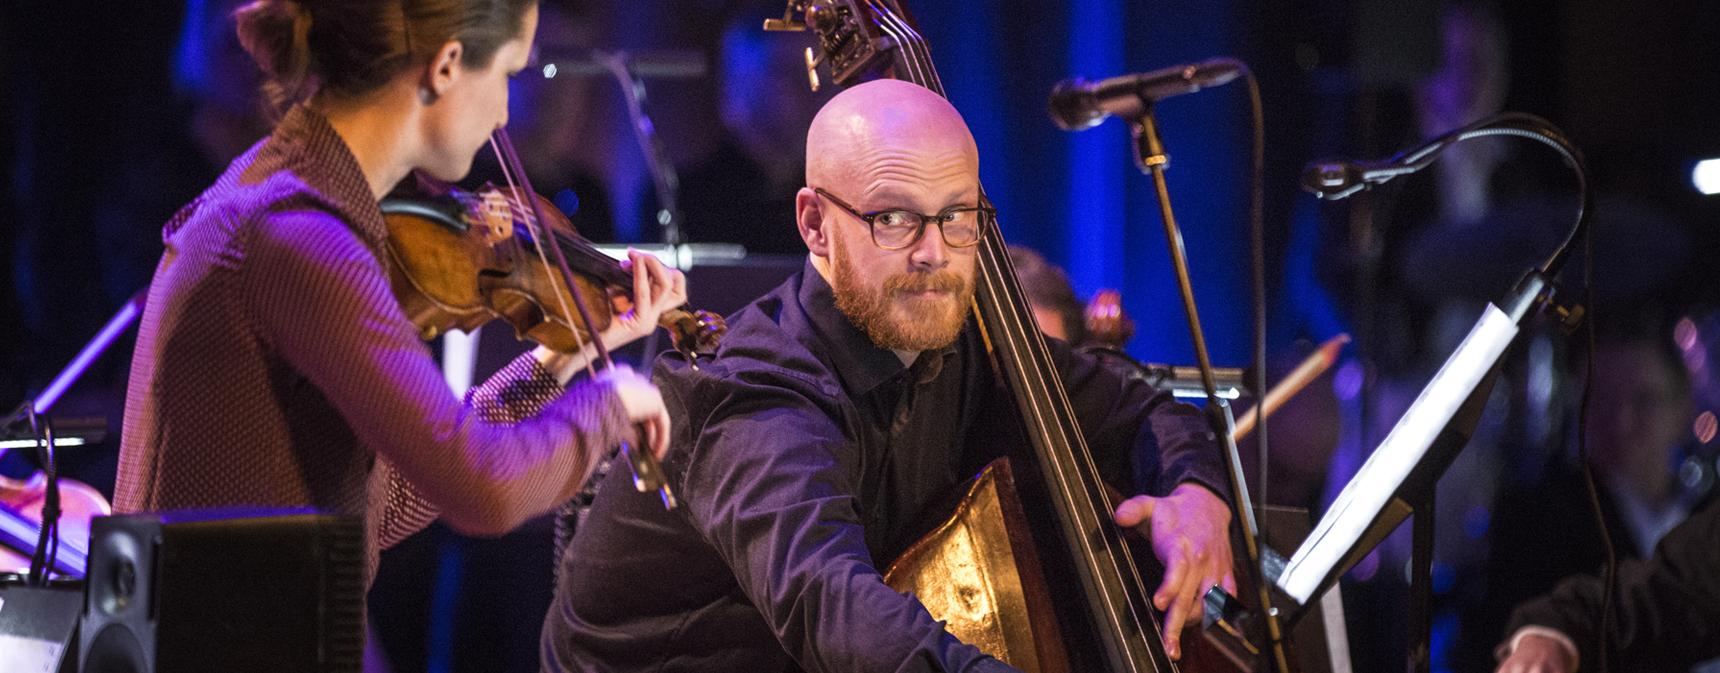 Musica Vitaes kontrabasist Joel Larsson och violinist Erika Sävström Engman konserterar på en scen